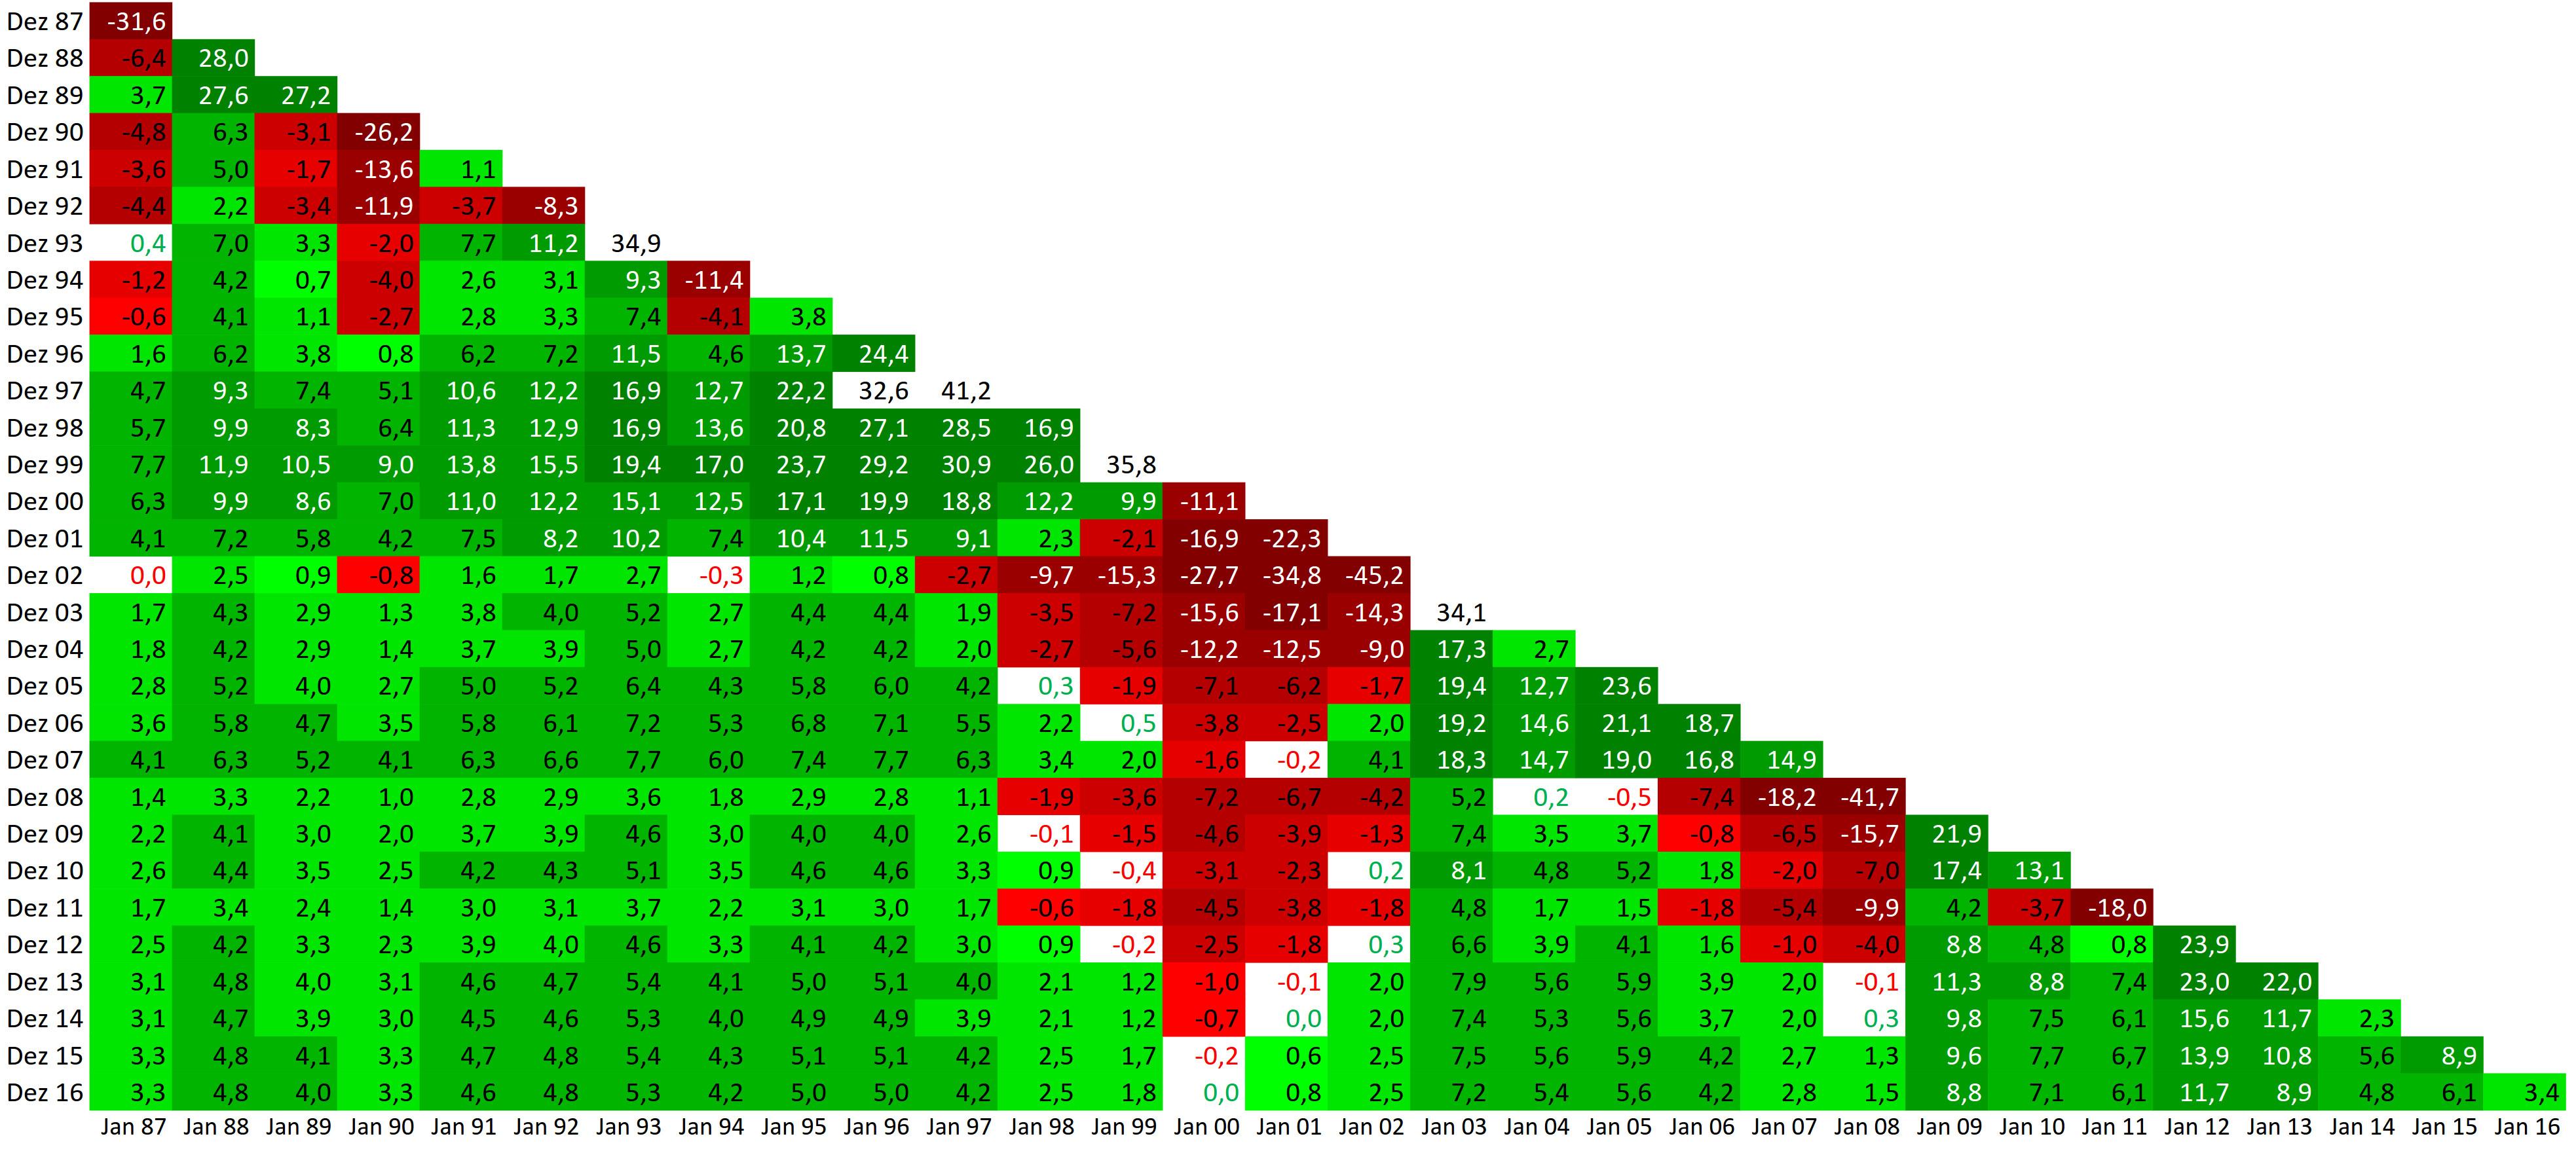 Inflationsbereinigte DAX-Renditen 1987-2016